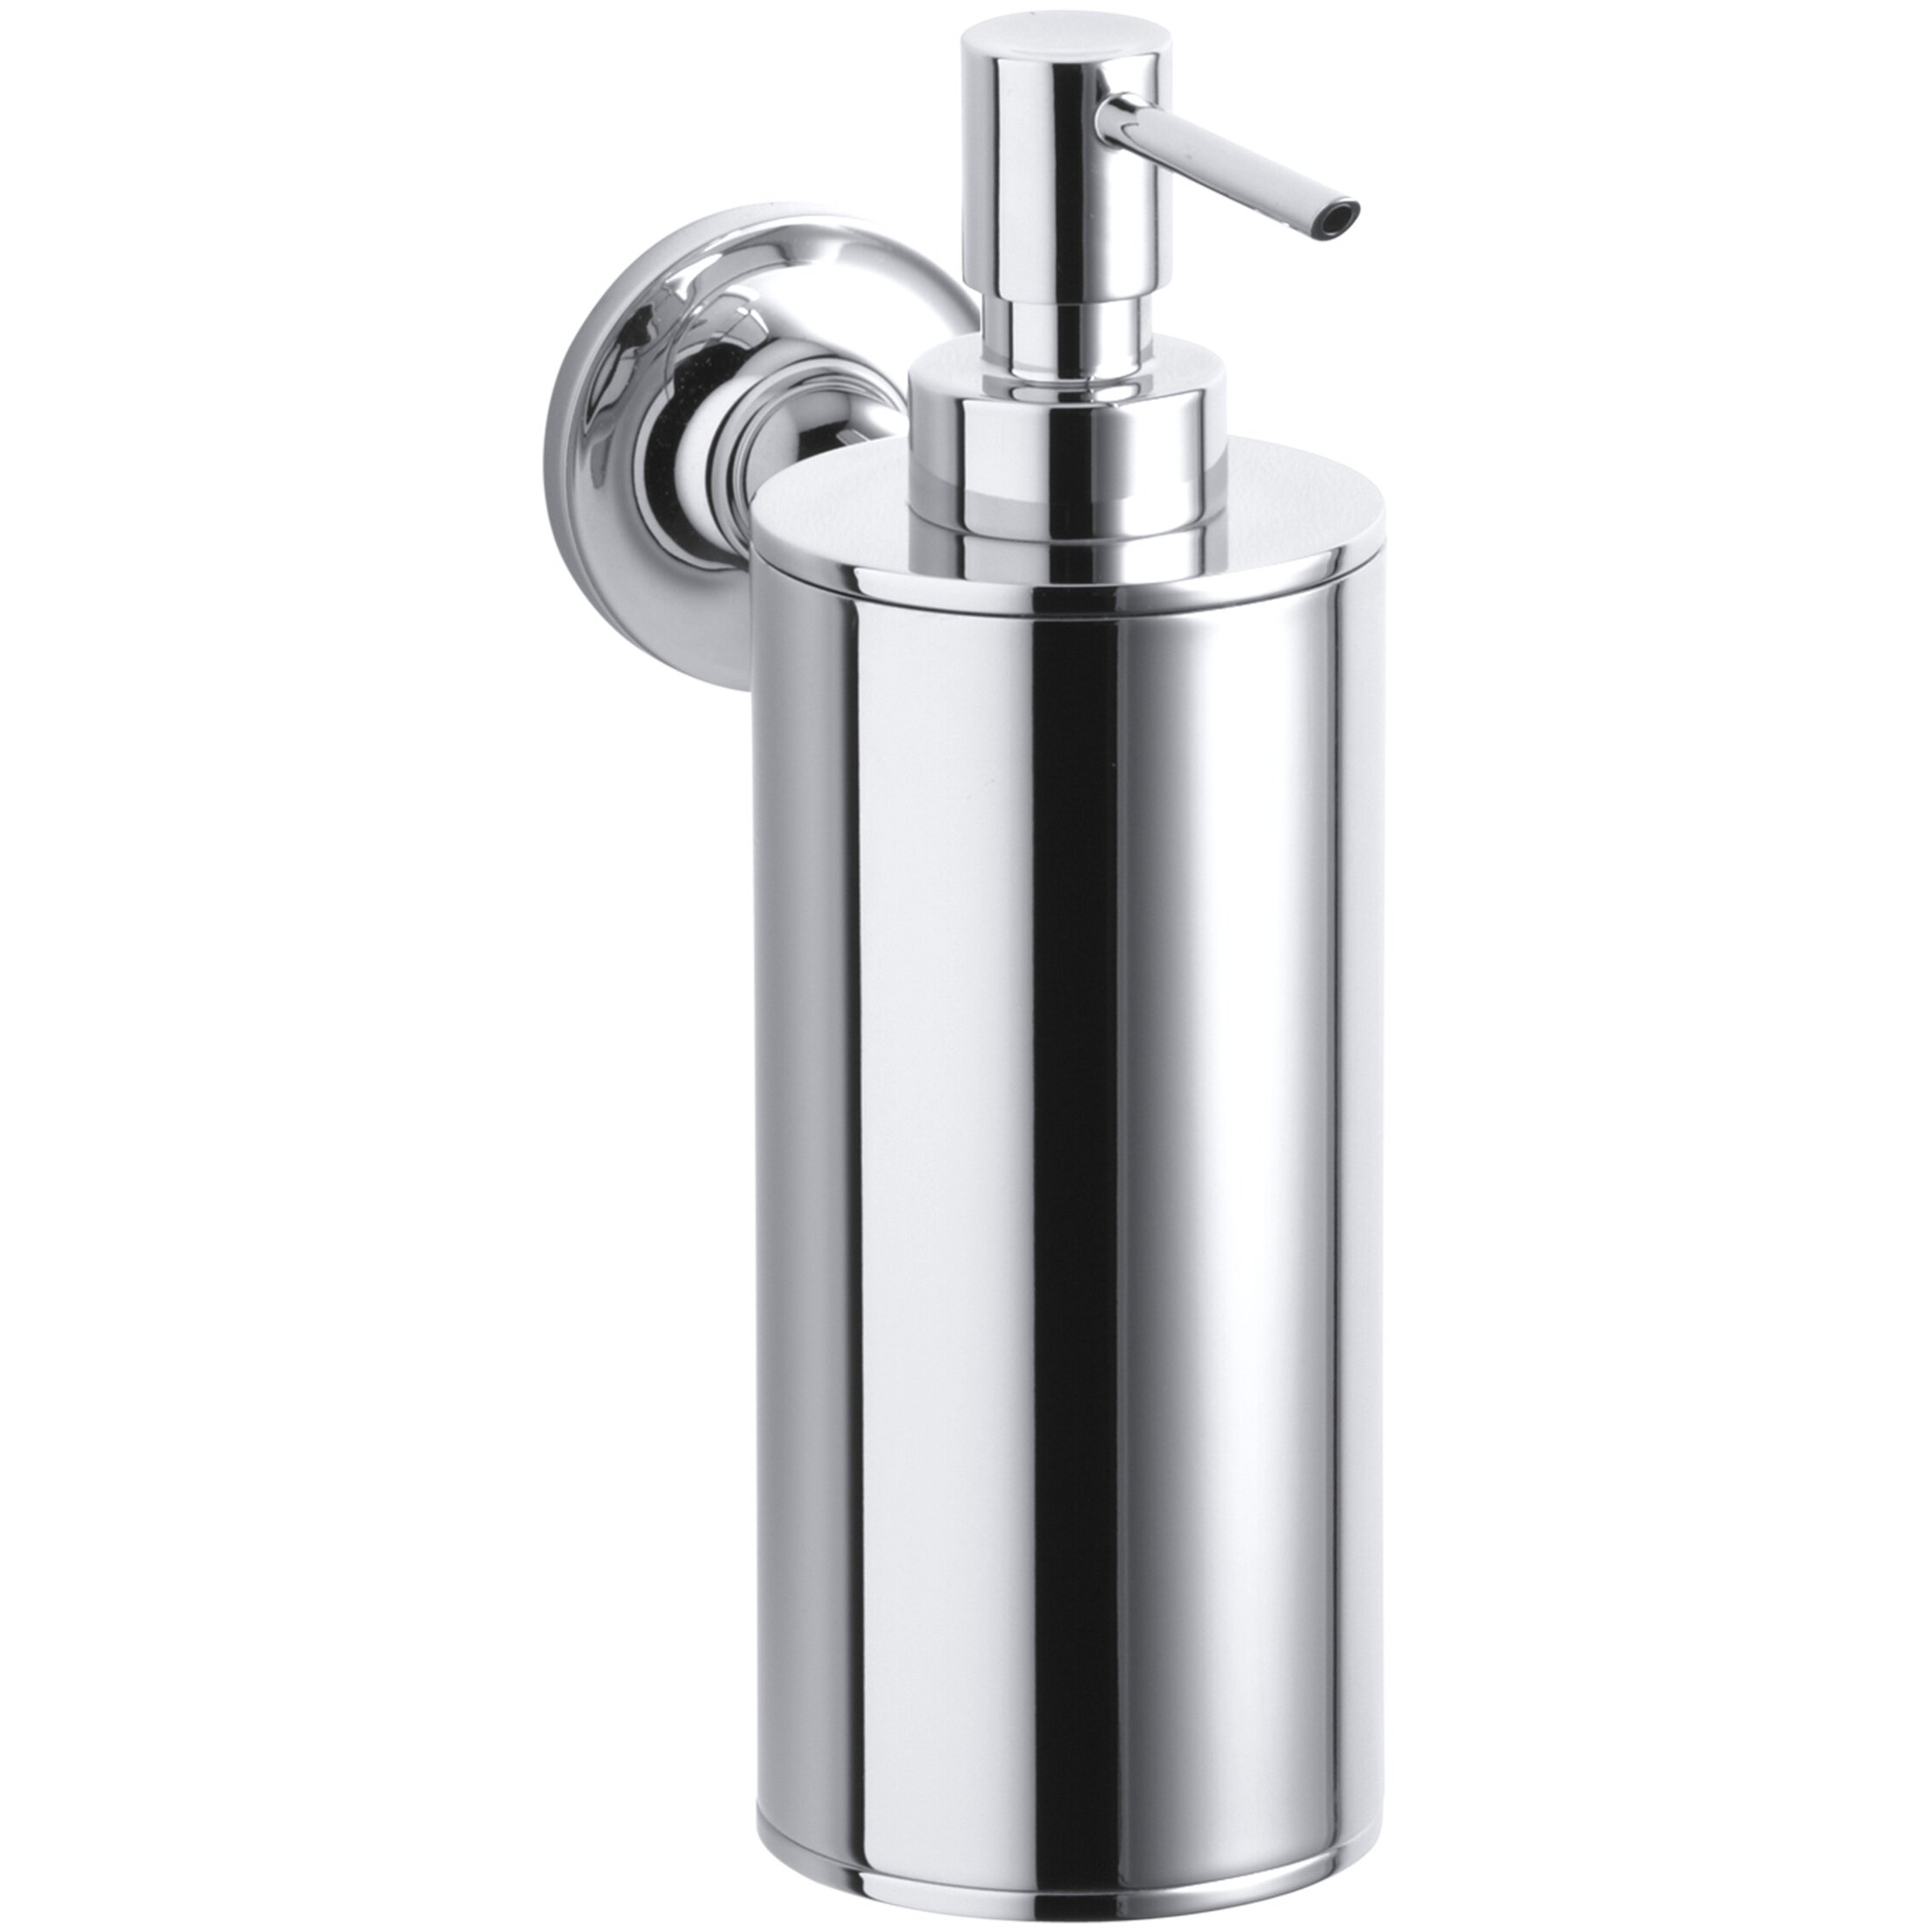 Wall Mounted Dispenser ~ Kohler purist wall mount soap dispenser reviews wayfair